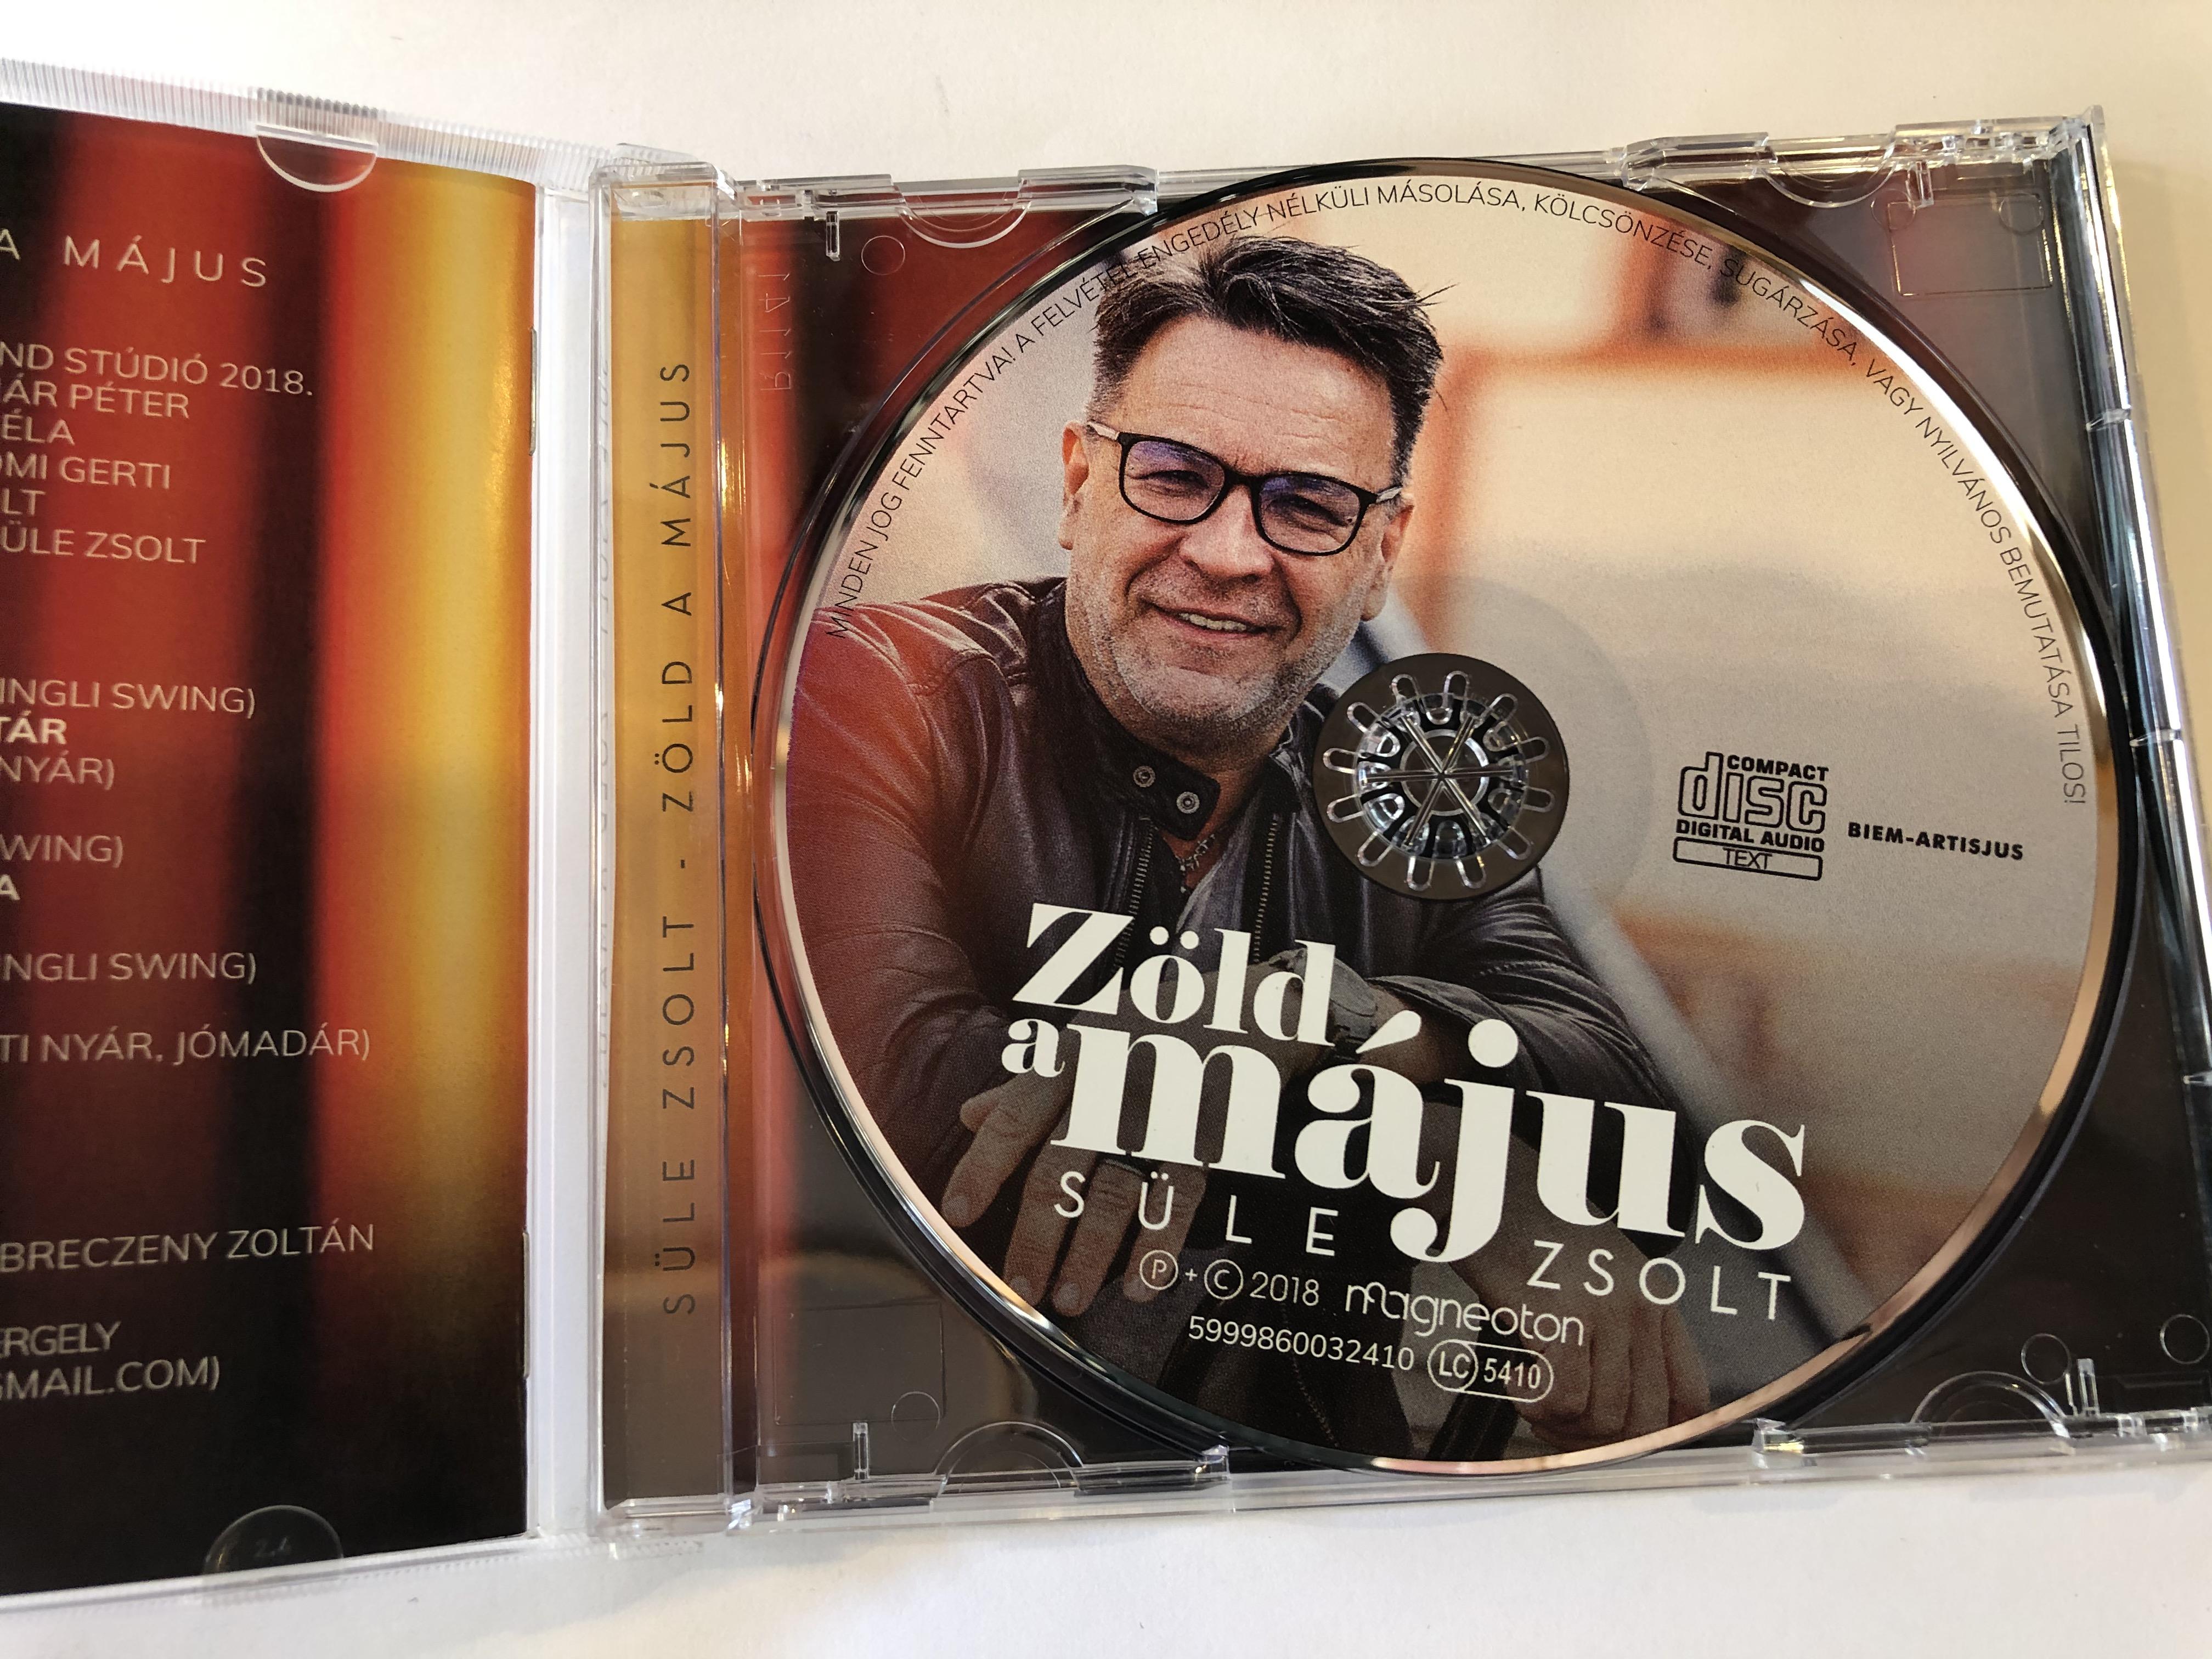 s-le-zsolt-z-ld-a-m-jus-magneoton-audio-cd-2018-5999860032410-2-.jpg